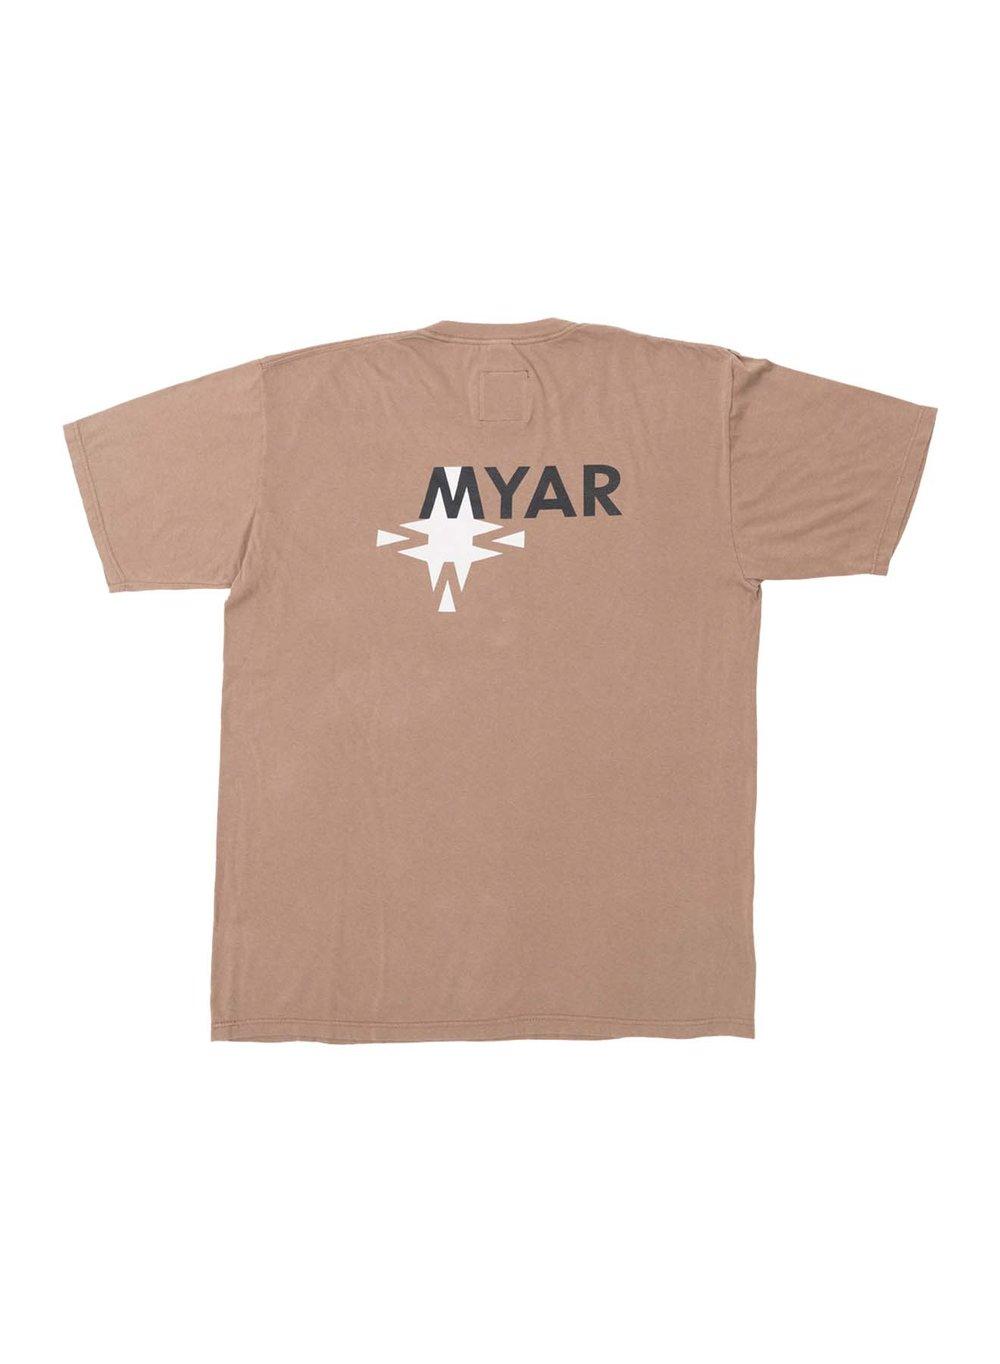 MYAR_UST0B_BACK.jpg